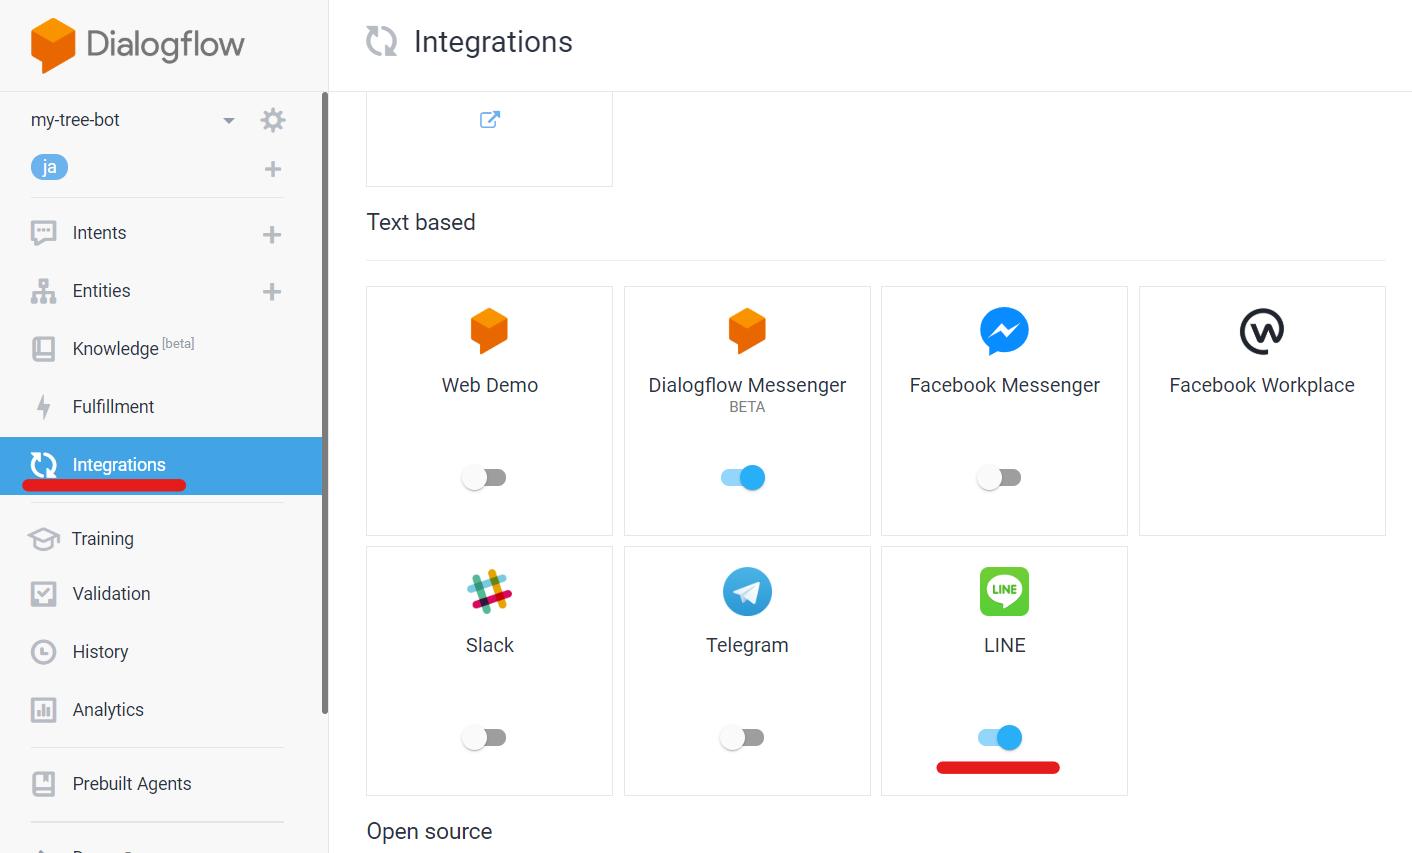 Dialogflow Integrations LINE